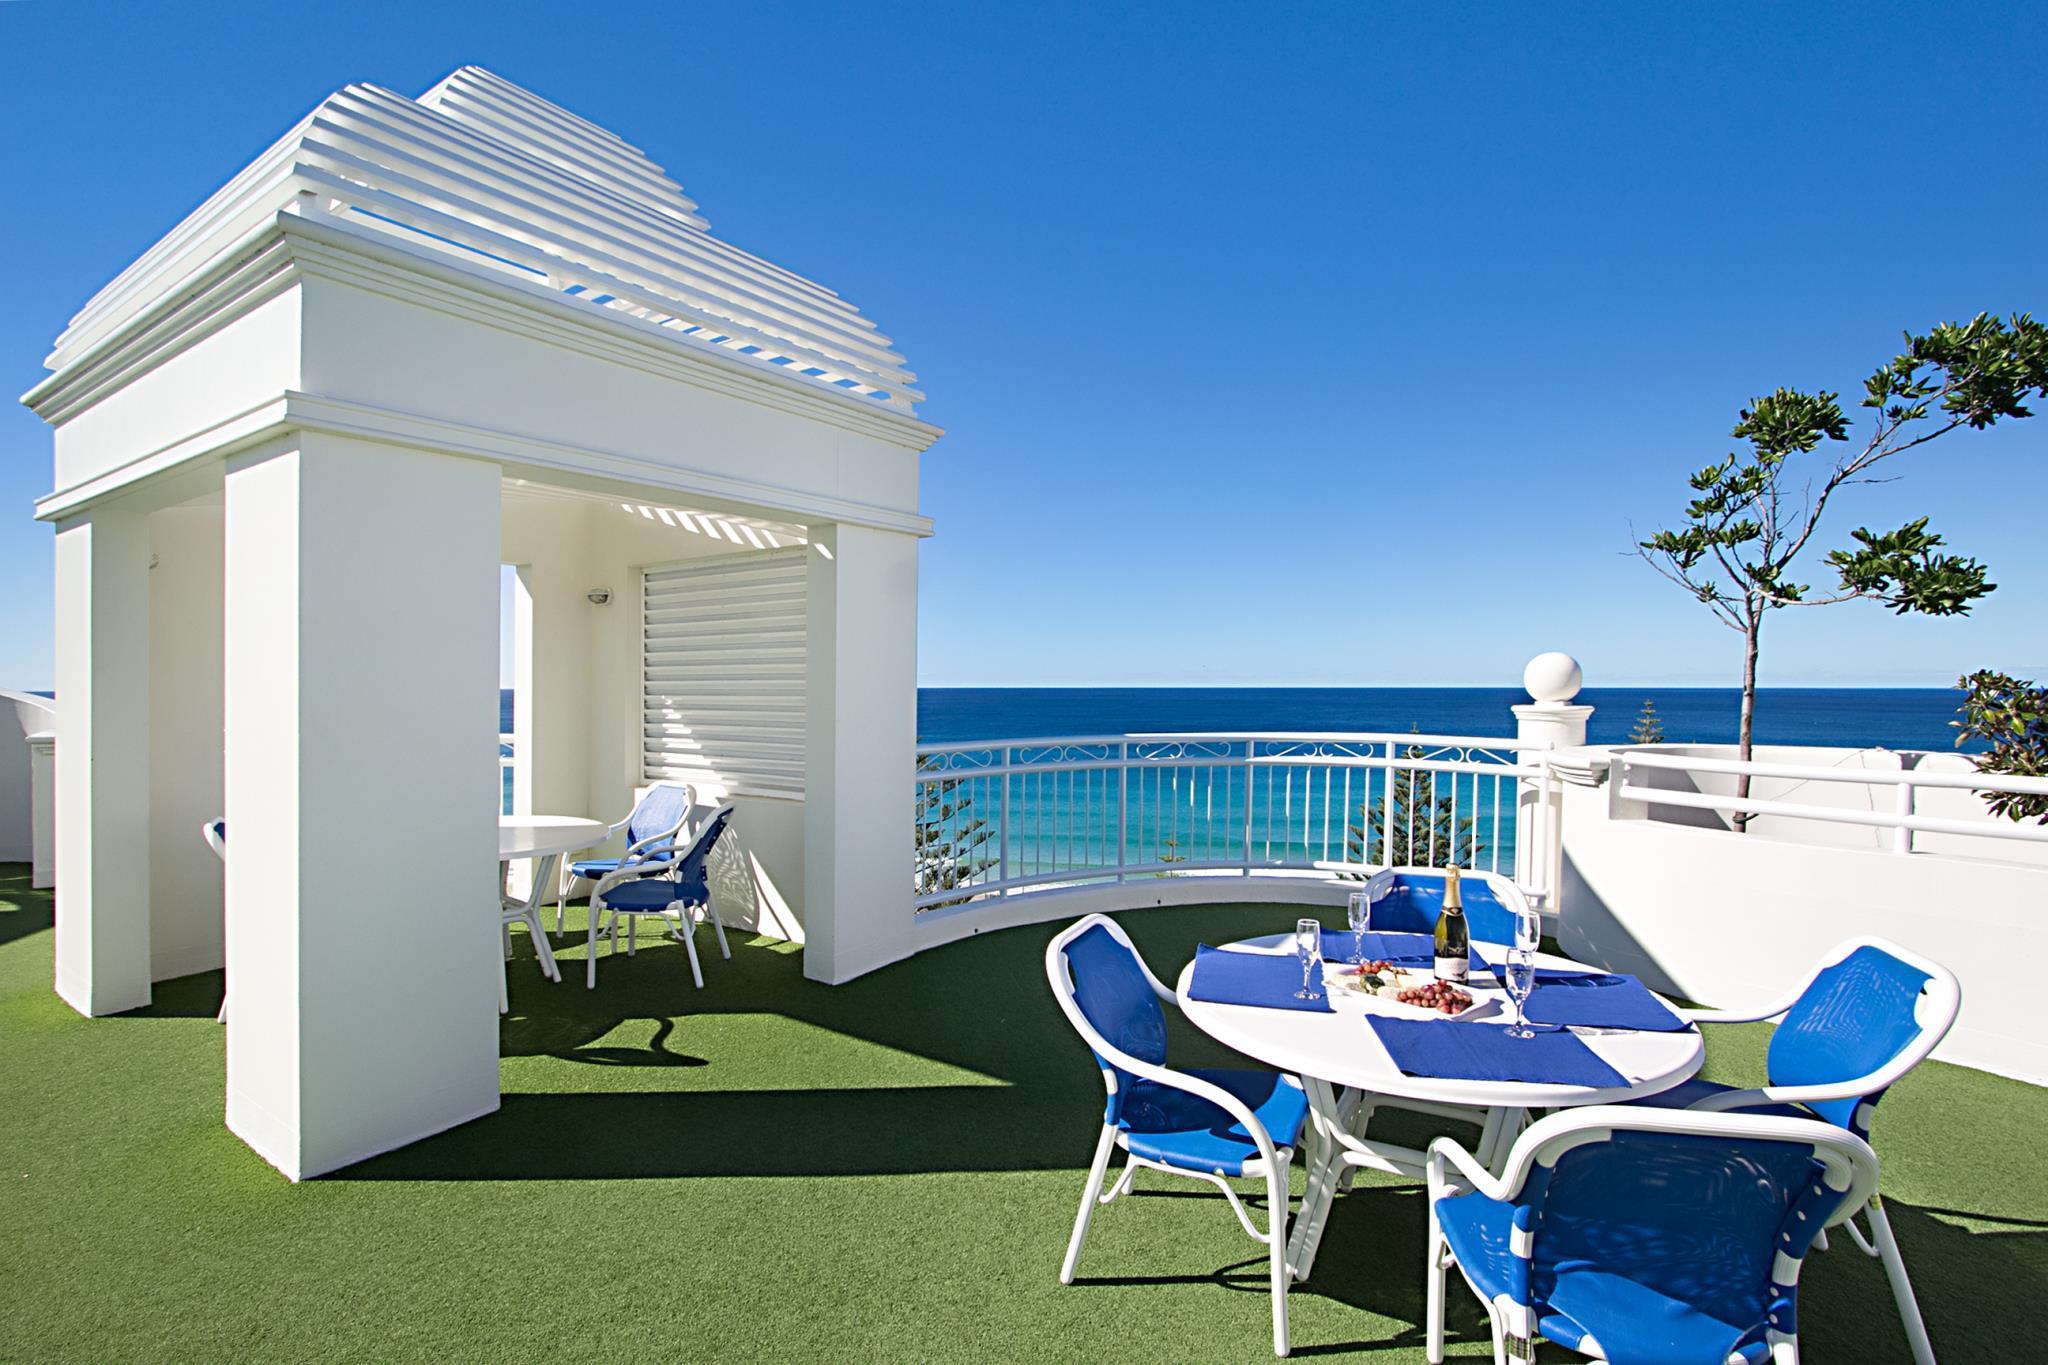 Burleigh Mediterranean Beachfront Resort